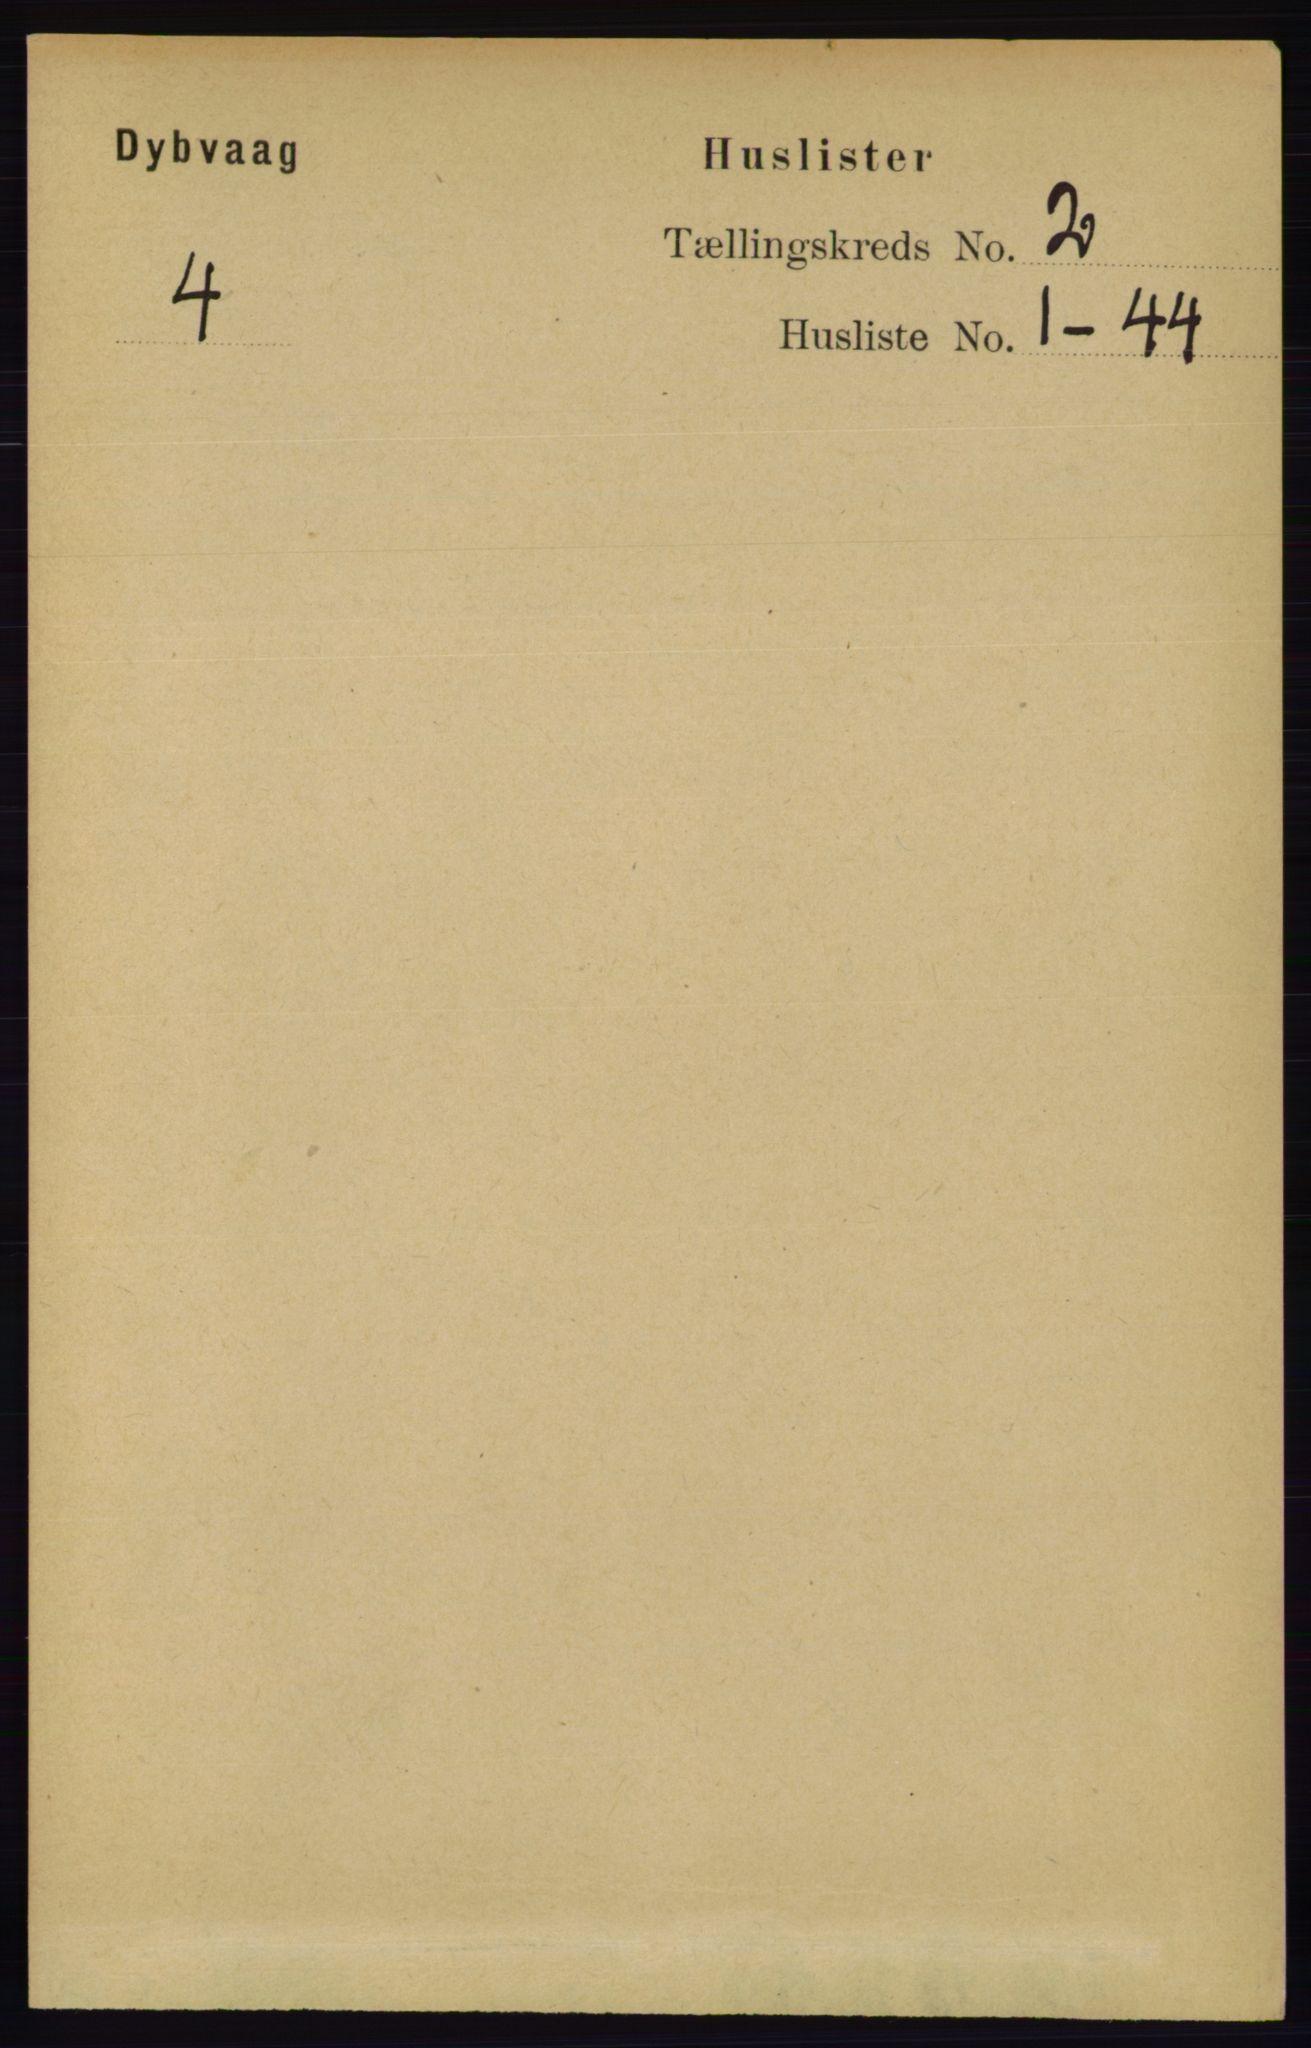 RA, Folketelling 1891 for 0915 Dypvåg herred, 1891, s. 467